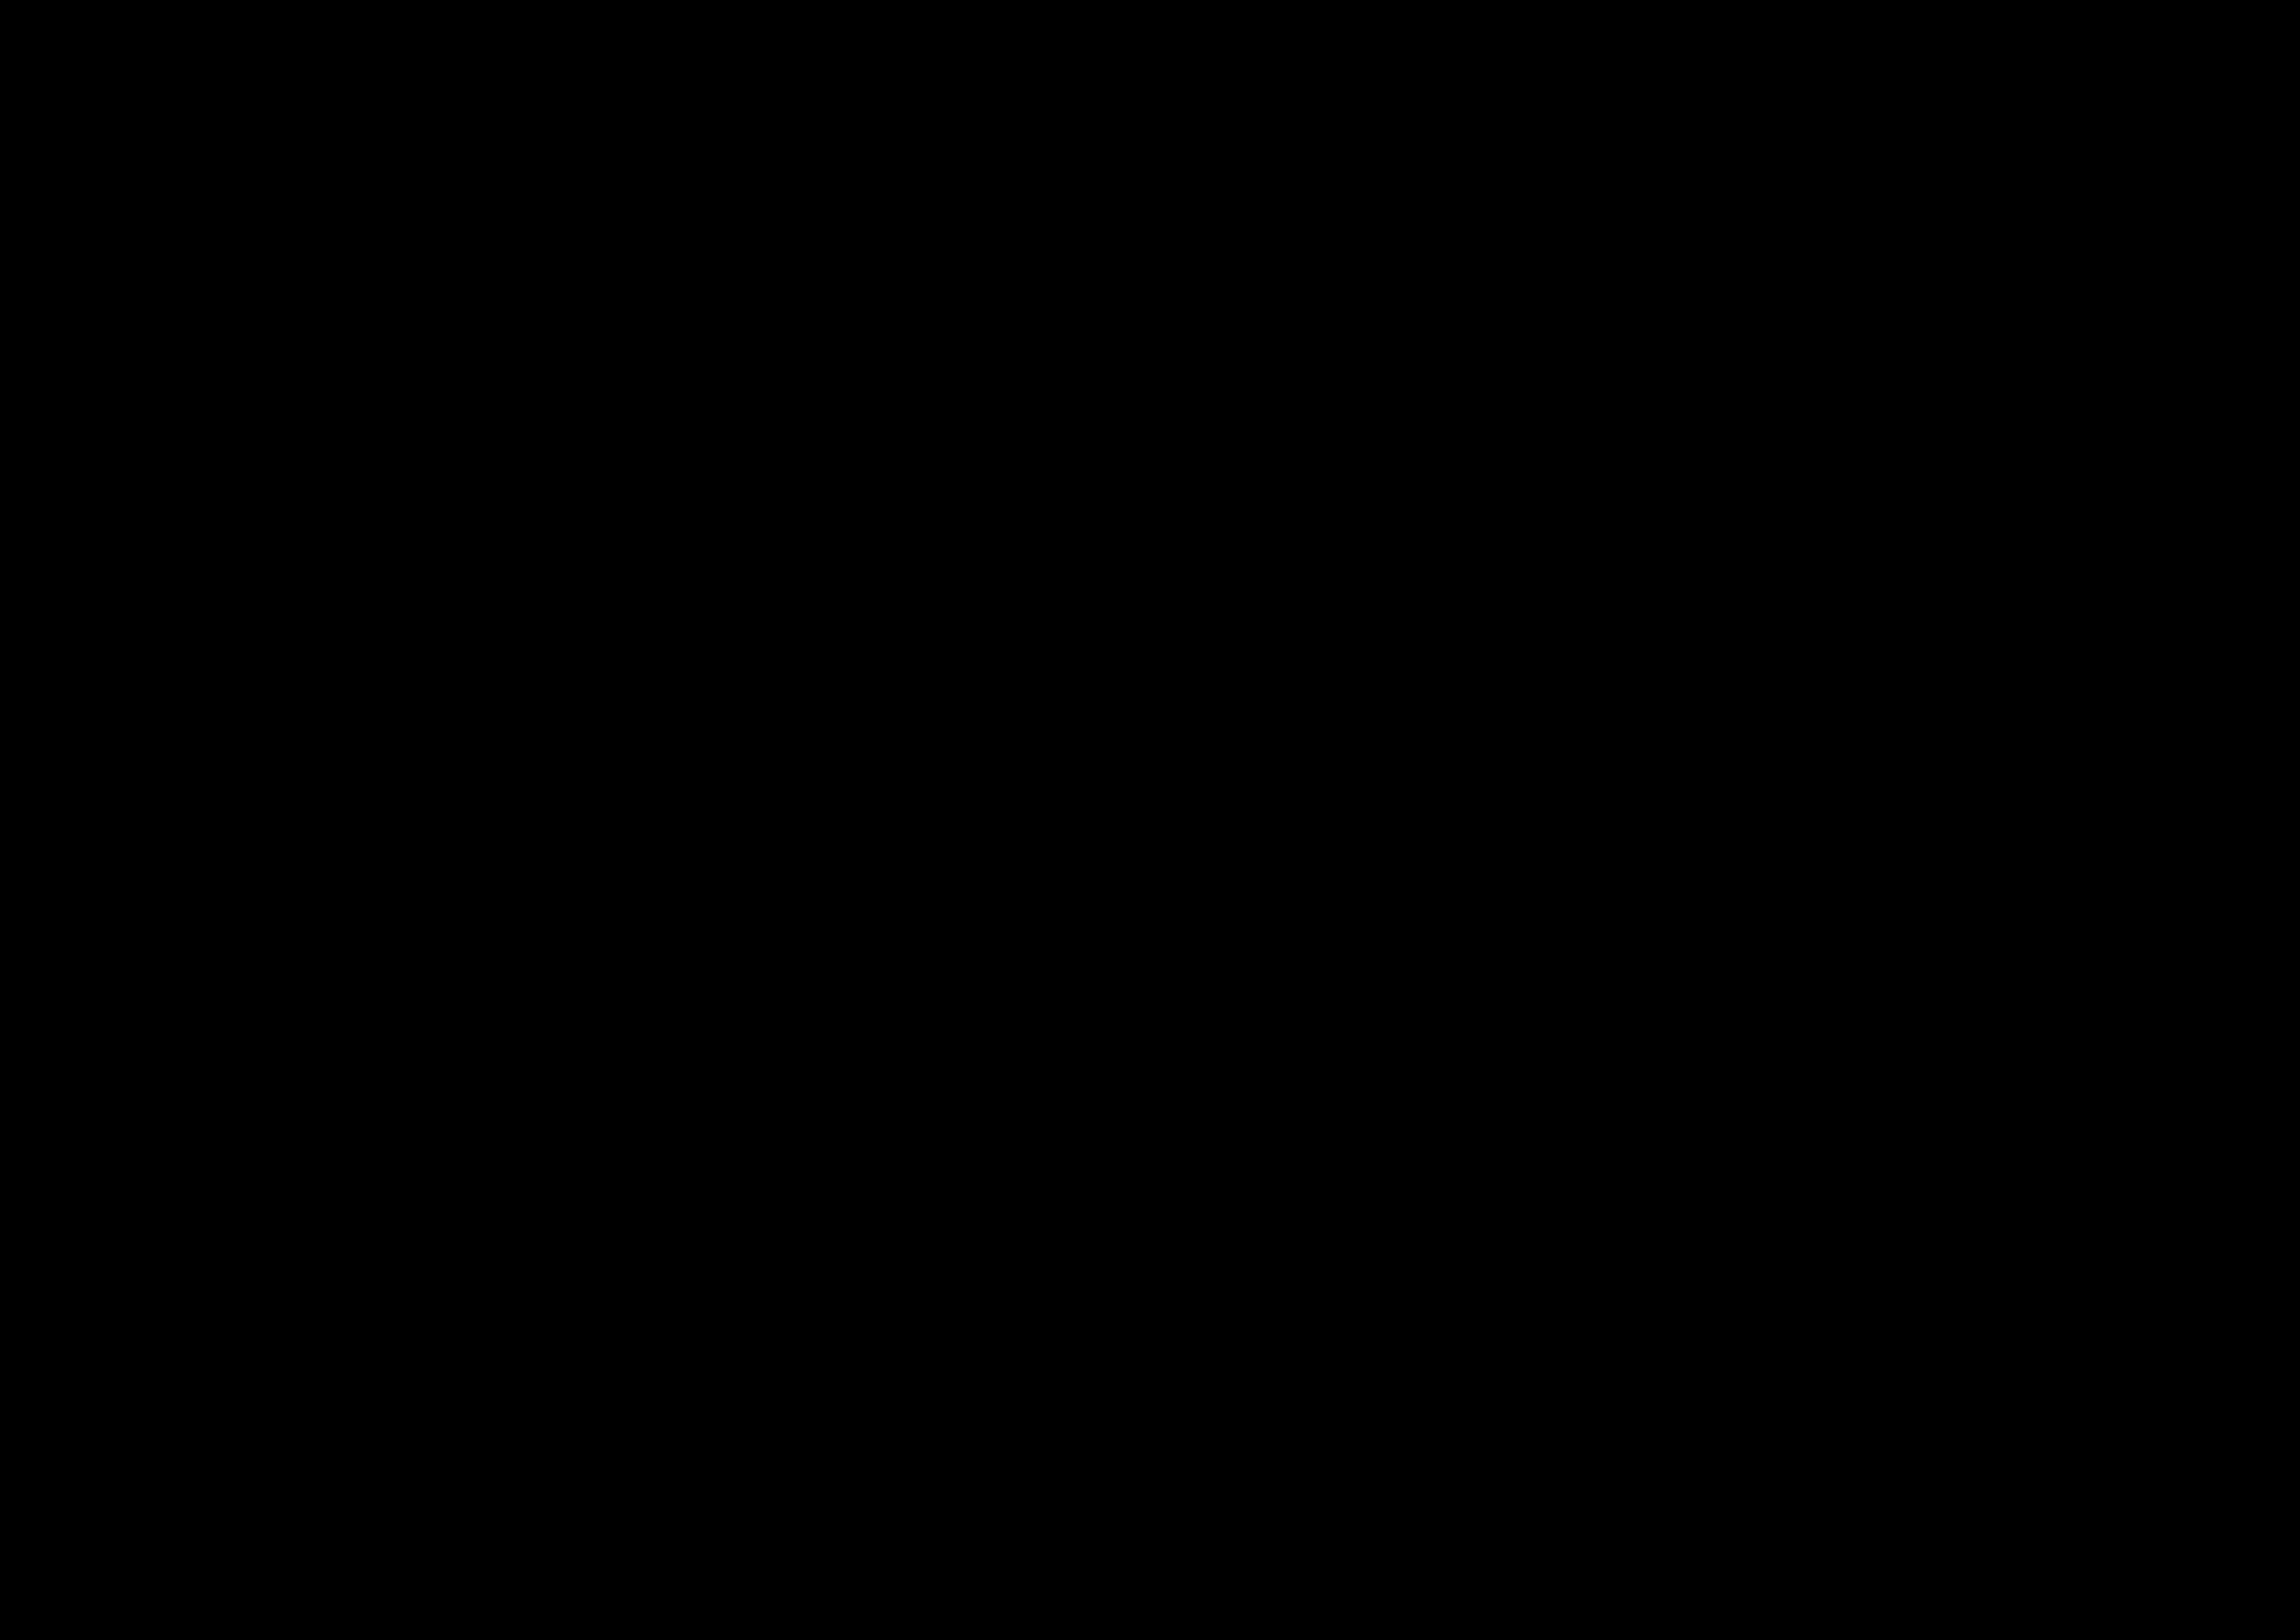 Mourir (ensemble) sur scène - Cécile Serres (artiste) et Joshua de Paiva (curateur)Mourir (ensemble) sur scène est un karaoké inter-espèces, où orques, baleines et autres créatures s'emparent du micro pour chanter de concert leur désespoir, passant par différentes étapes de deuil. En immersion dans un environnement ultrasonore où résonnent des chants marins, nous nous glissons dans la peau de Shouka, ce cétacé né en captivité et condamné par les hommes à mourir sur scène, pour unir nos voix en interprétant les paroles de chansons qui défilent à l'écran. Sorte de catharsis populaire et publique, le karaoké est l'espace où chacun vient chanter pour ceux dont il est séparé, en se produisant devant d'autres. Dans ce cadre dédié au spectacle de soi, et où l'on apprend à pleurer-ensemble les êtres et les espèces disparues, de nouvelles rencontres pourront advenir.Joshua de Paiva